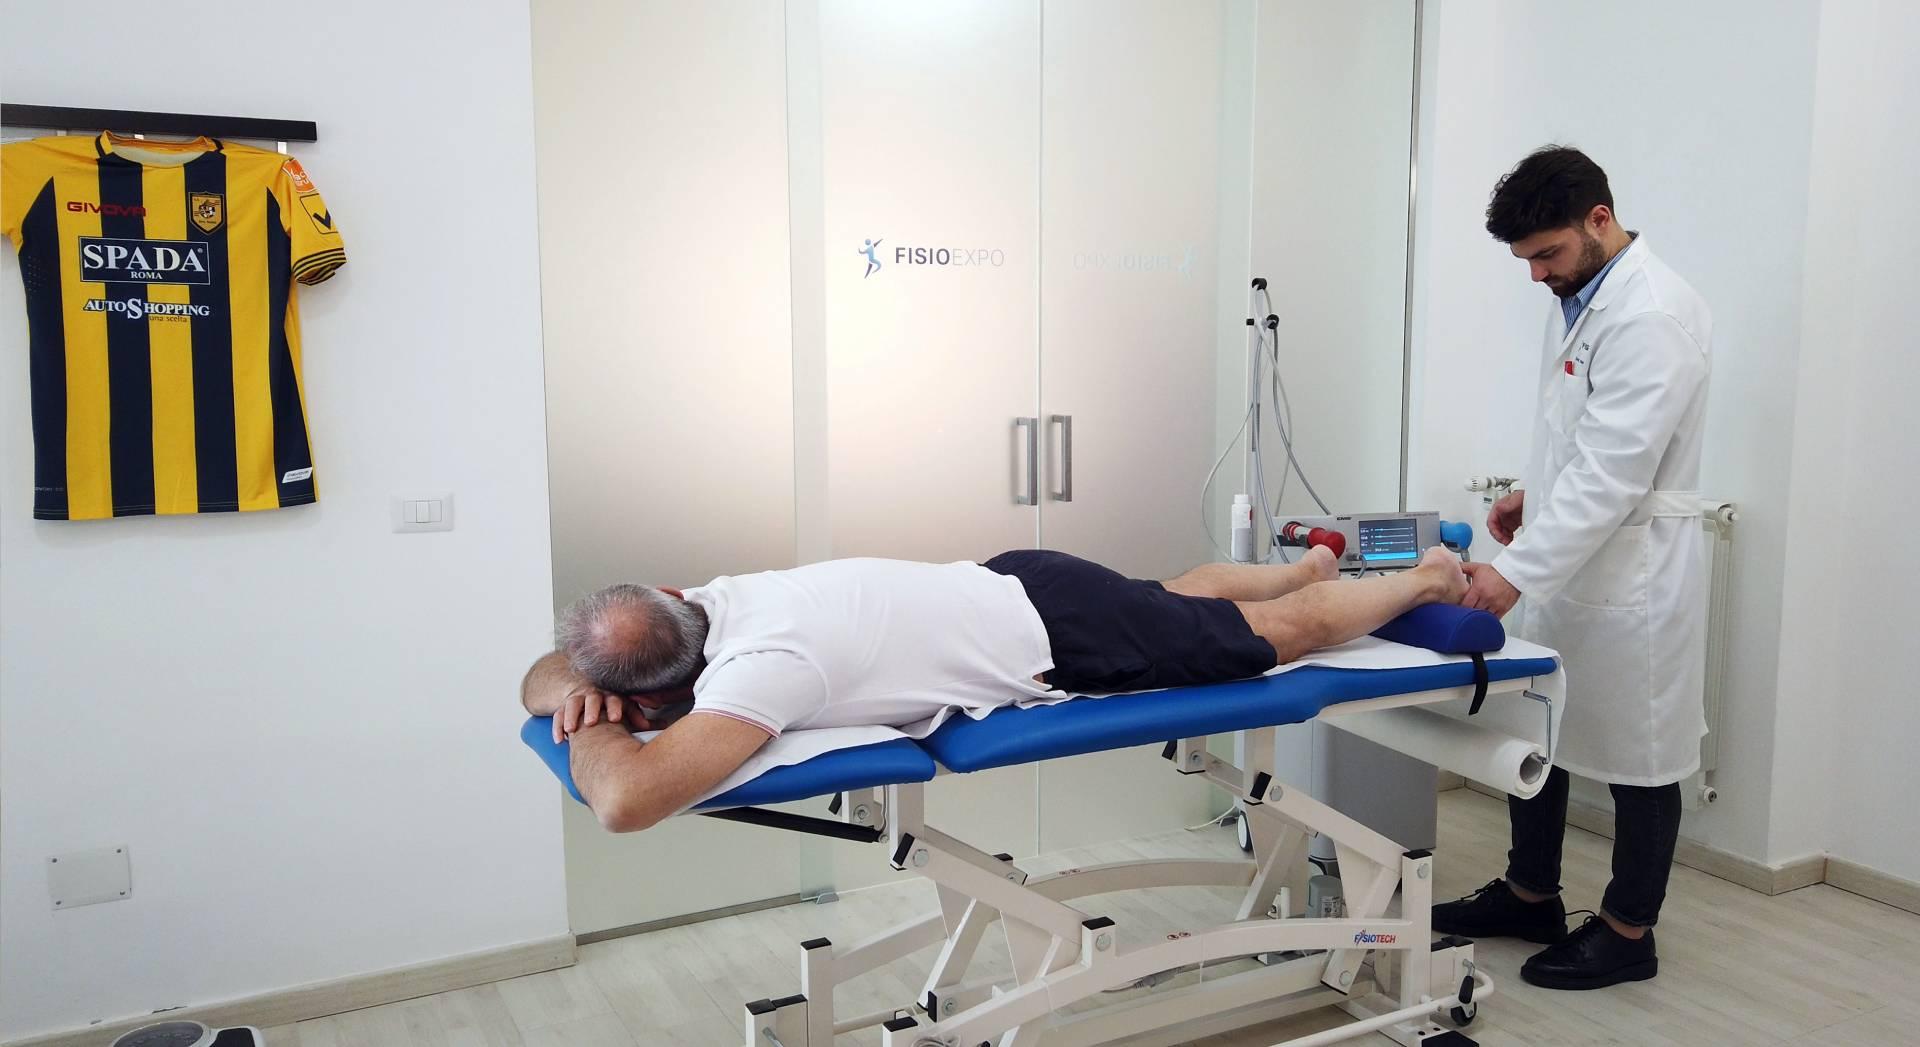 Una seduta di terapia ad onde d'urto per la spina calcaneare